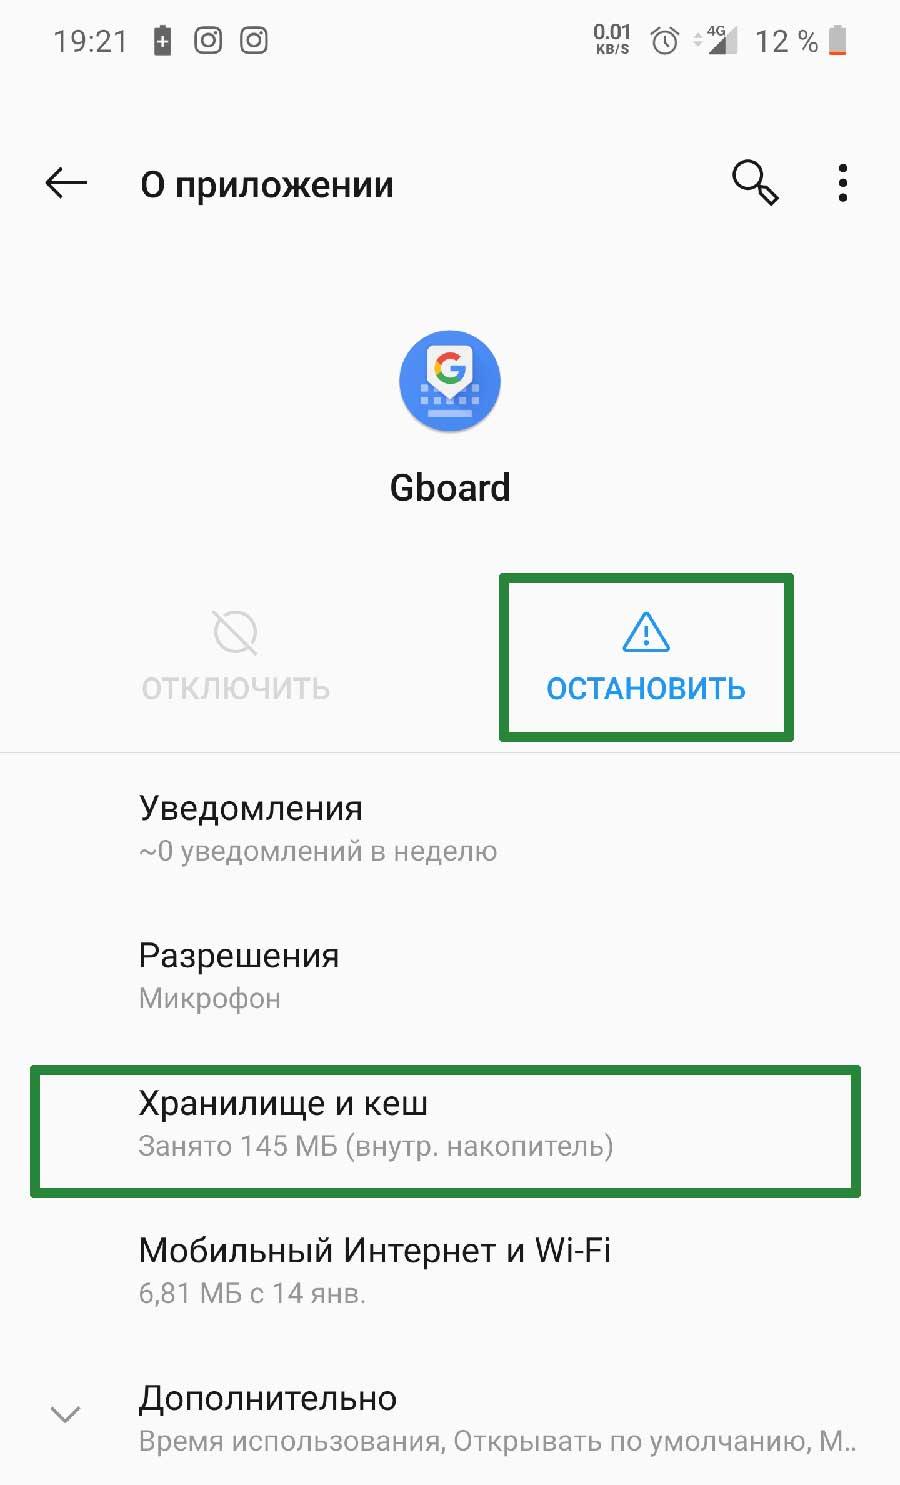 В приложении произошла ошибка андроид решение